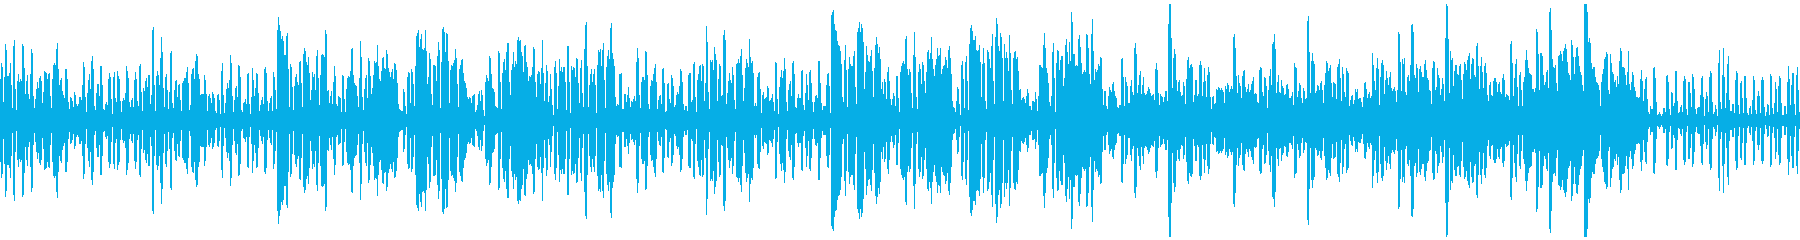 リコーダーの元気で可愛い曲3_ループの再生済みの波形